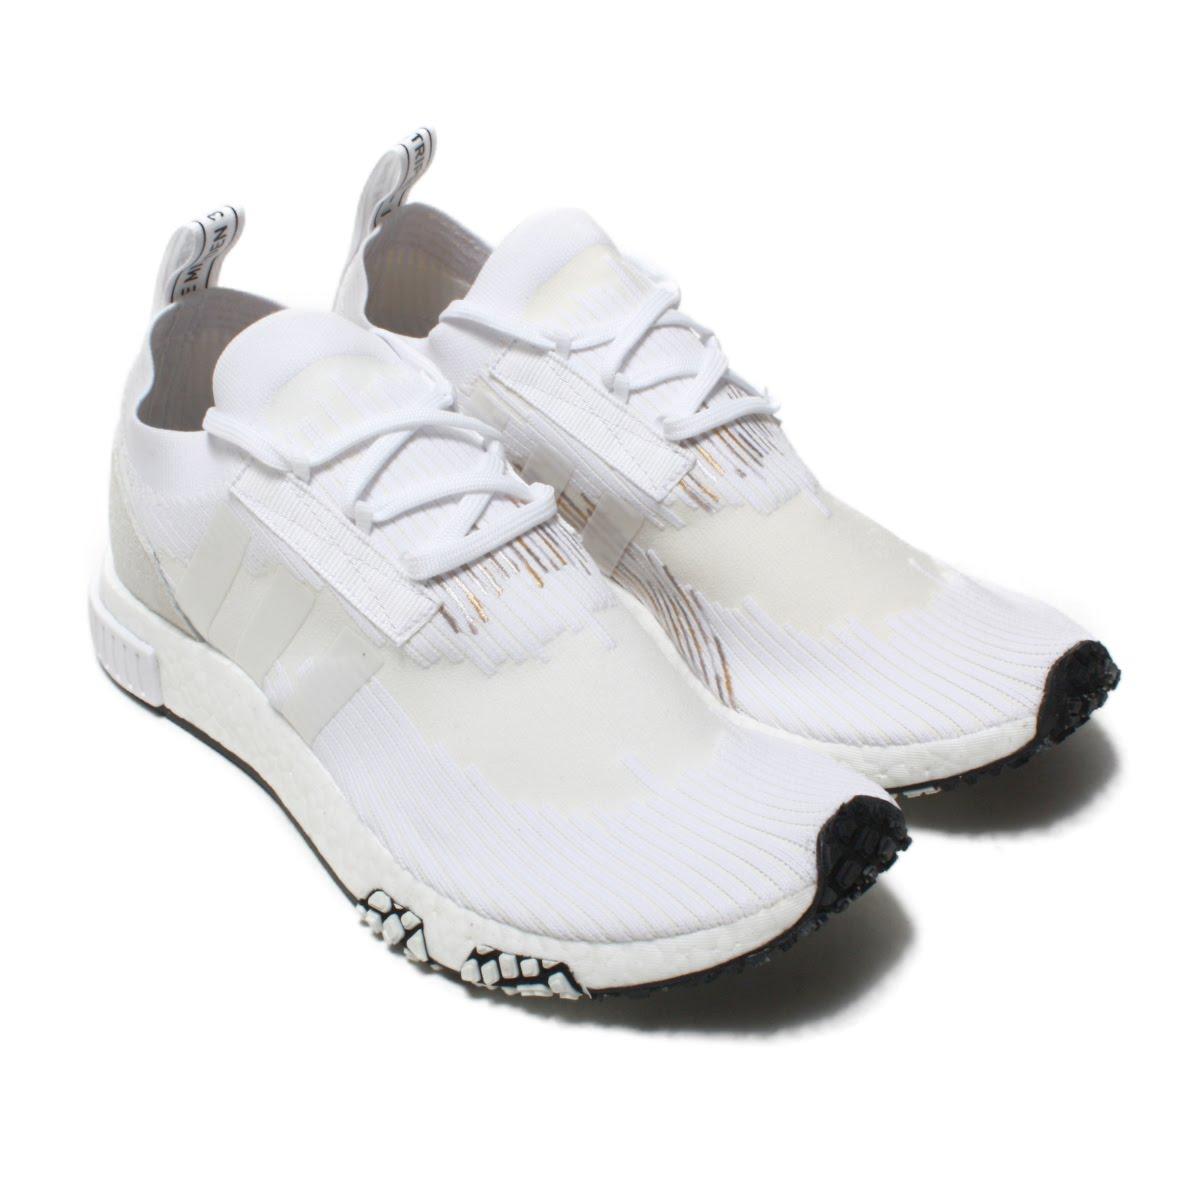 adidas NMD_RACER PK(アディダス エヌエムディレーサーPK)RUNNING WHITE/RUNNING WHITE/RUNNING WHITE【メンズ スニーカー】18FW-I